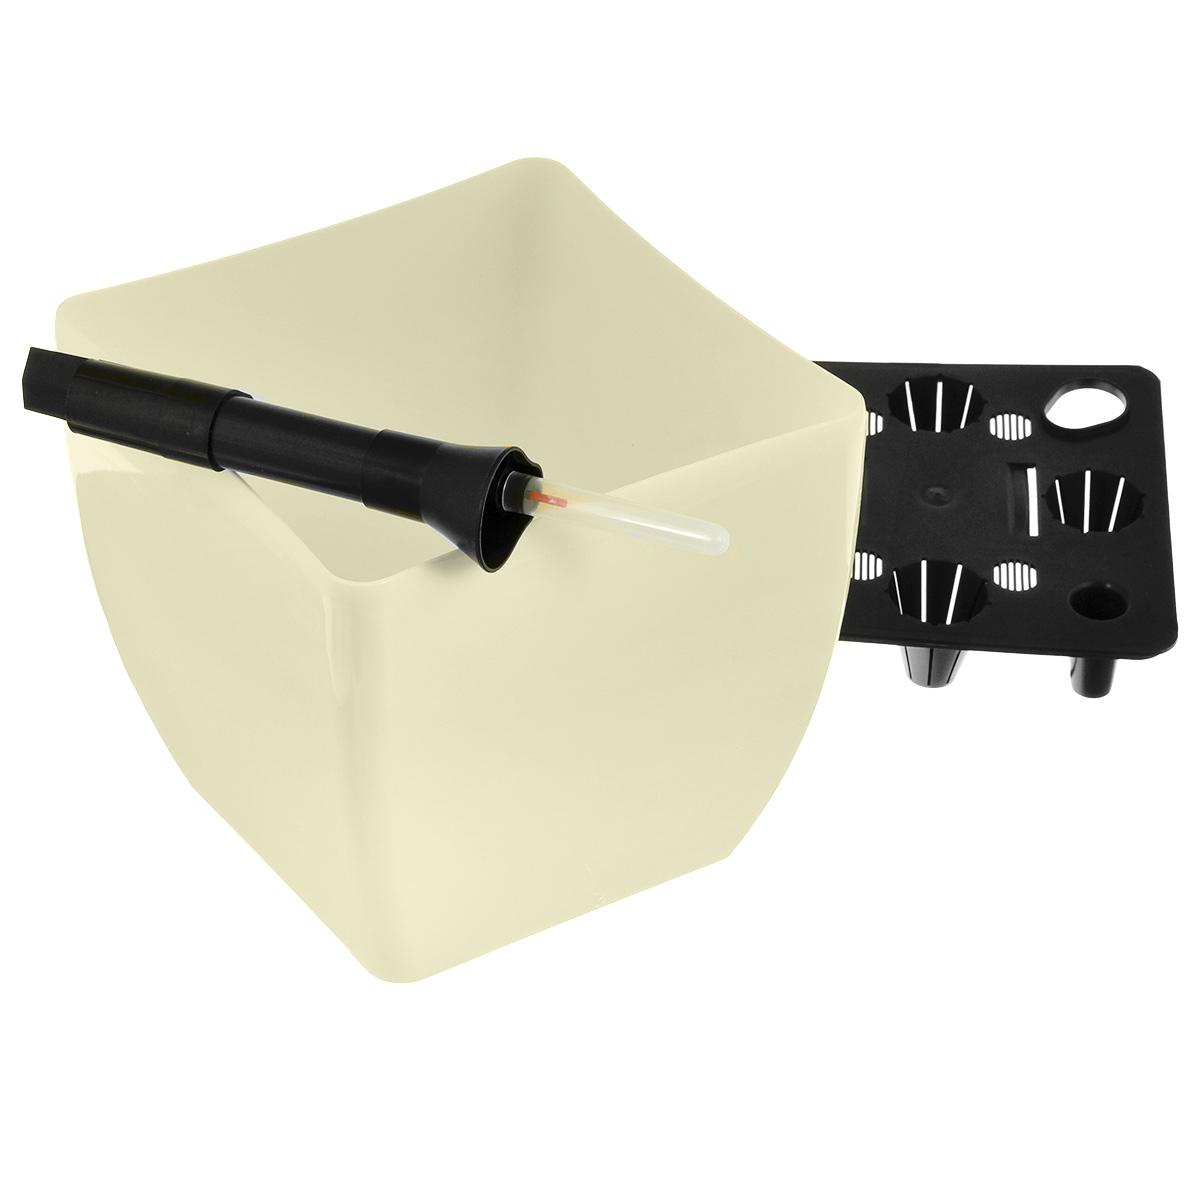 Кашпо квадратное Coubi, с системой автополива, цвет: бежевый, 19 х 19 х 18 смDUK190-BКашпо Coubi, изготовленное из высококачественного полипропилена (пластика), идеальное решение для тех, кто регулярно забывает поливать комнатные растения. Кашпо имеет уникальную систему автополива, благодаря которой корневая система растения непрерывно снабжается влагой из резервуара. Уровень воды в резервуаре контролируется с помощью специального индикатора. В зависимости от размера кашпо и растения воды хватает на 2-12 недель. Стильный дизайн позволит украсить растениями офис, кафе или любую комнату, и при этом система автополива будет увлажнять почву без вашего вмешательства. Кашпо Coubi с системой автополива упростит уход за вашими цветами и поможет растениям получать то количество влаги, которое им необходимо в данный момент времени.